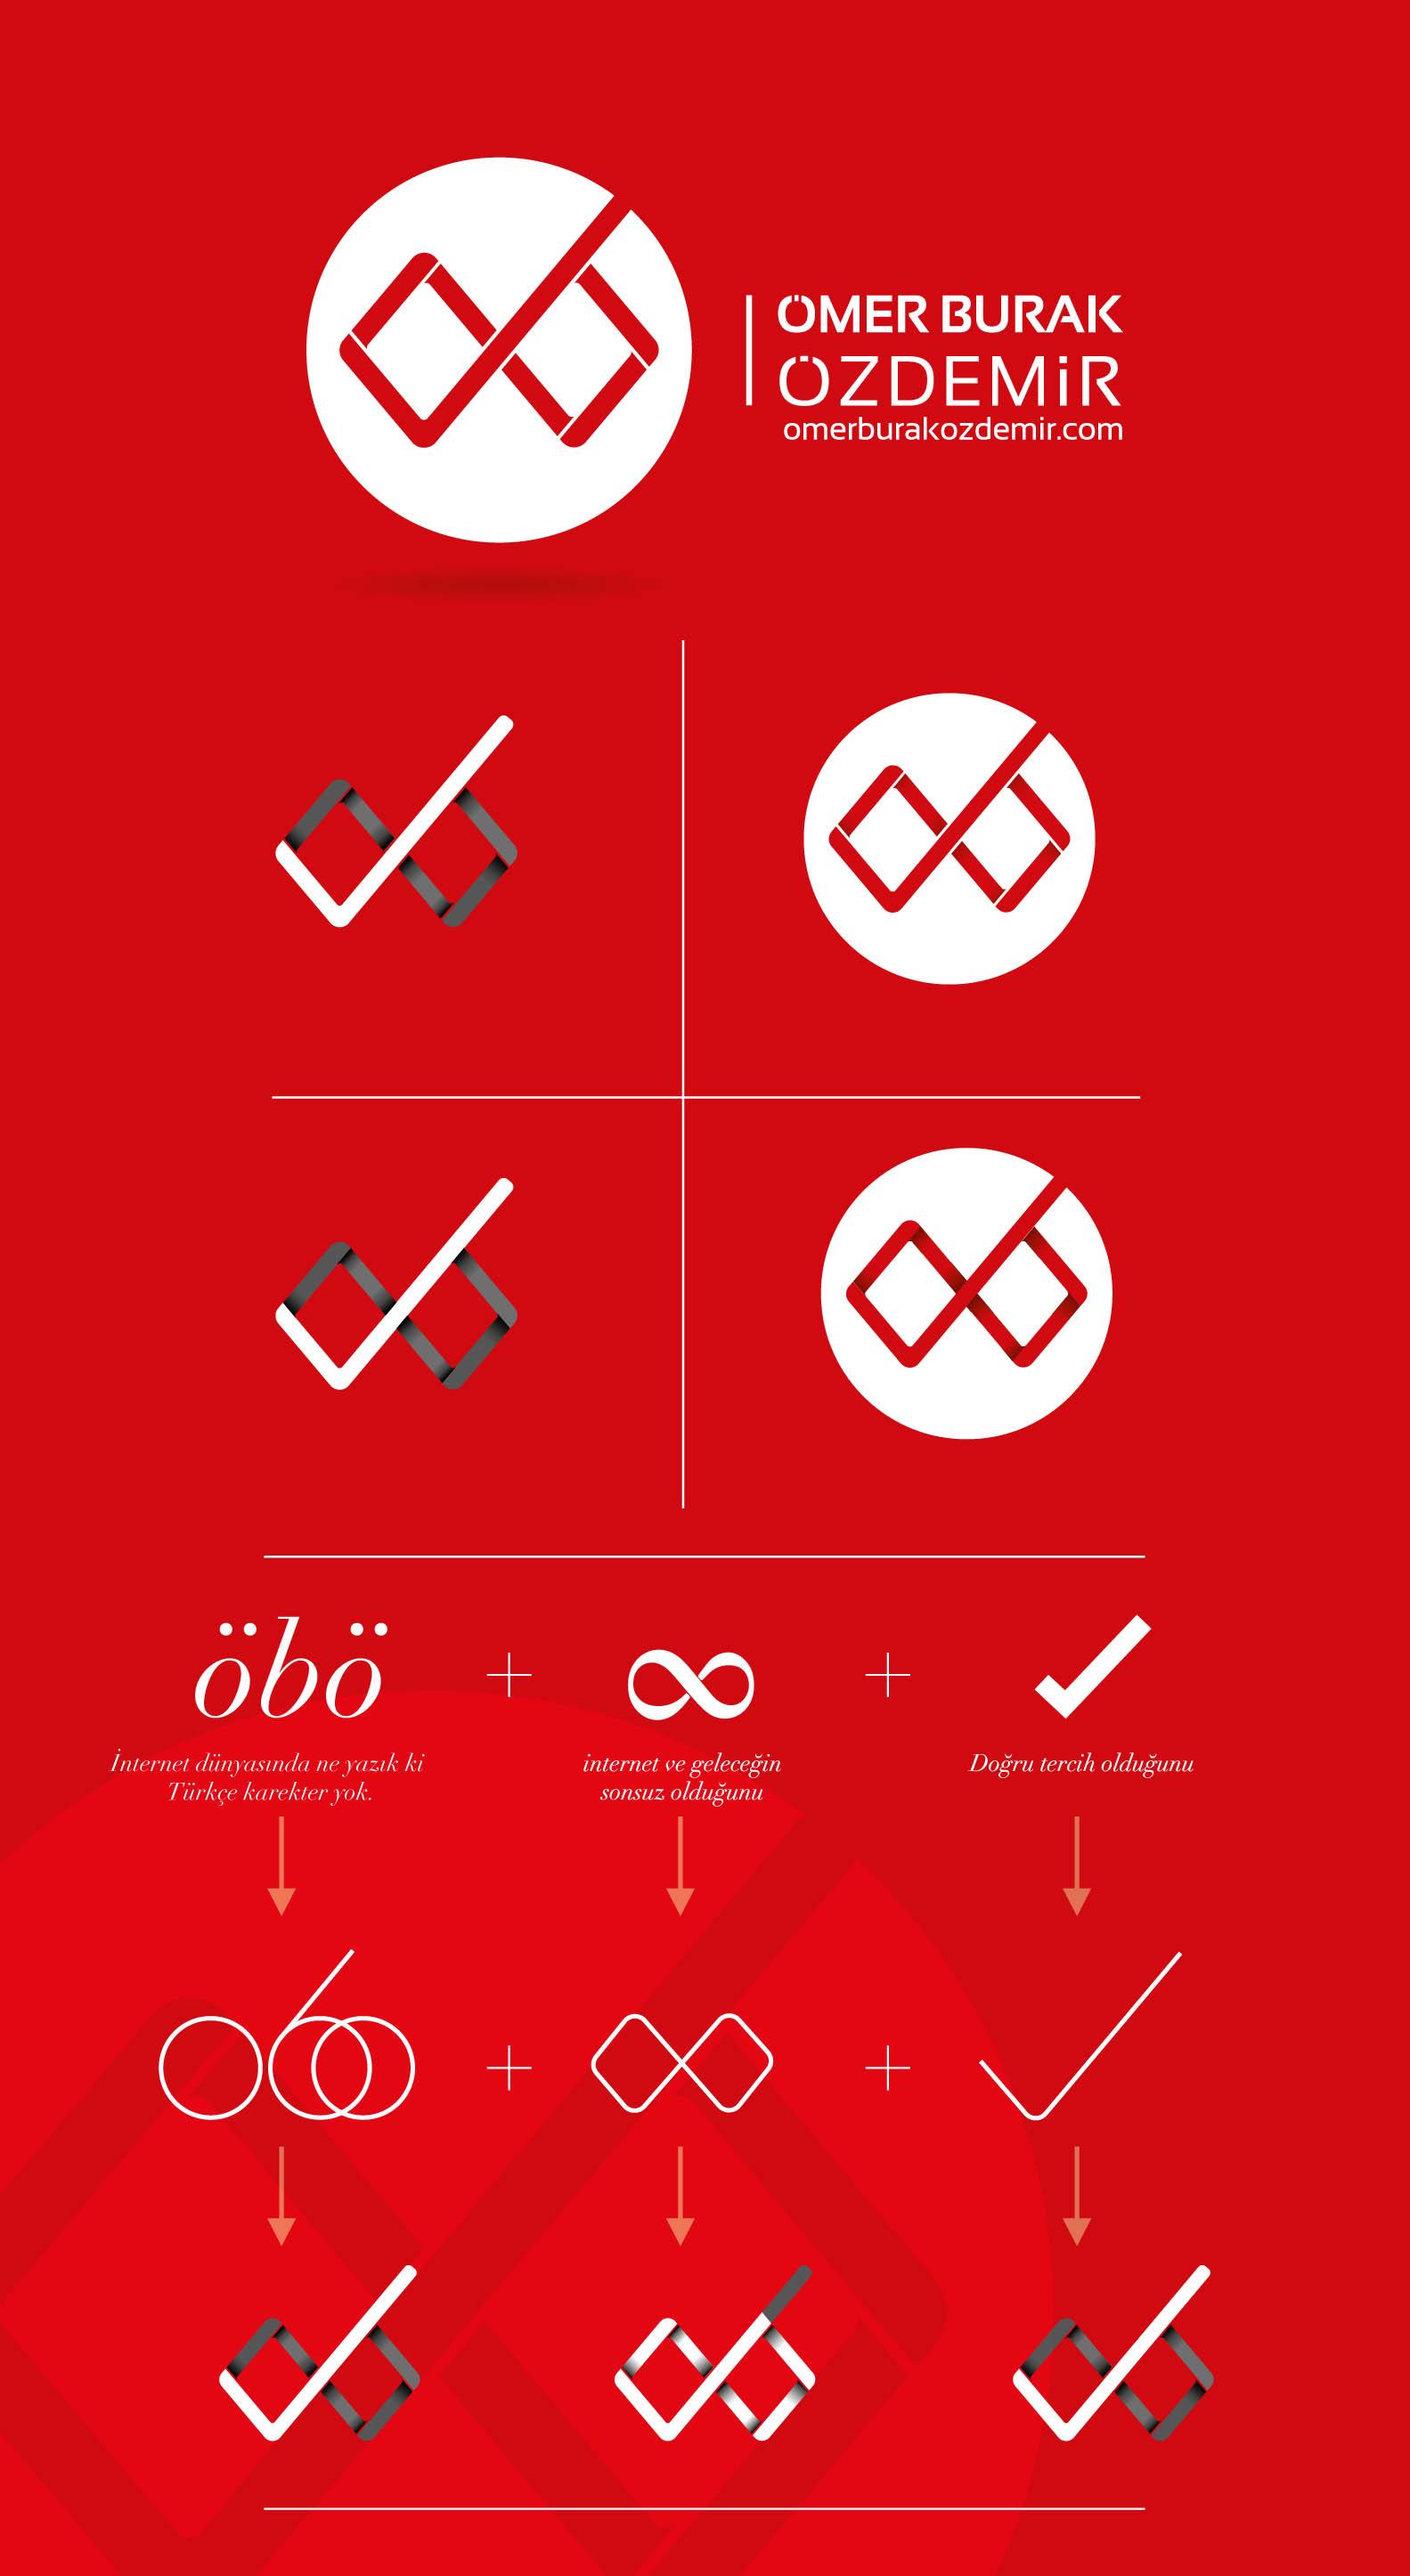 omer-burak-logo-story